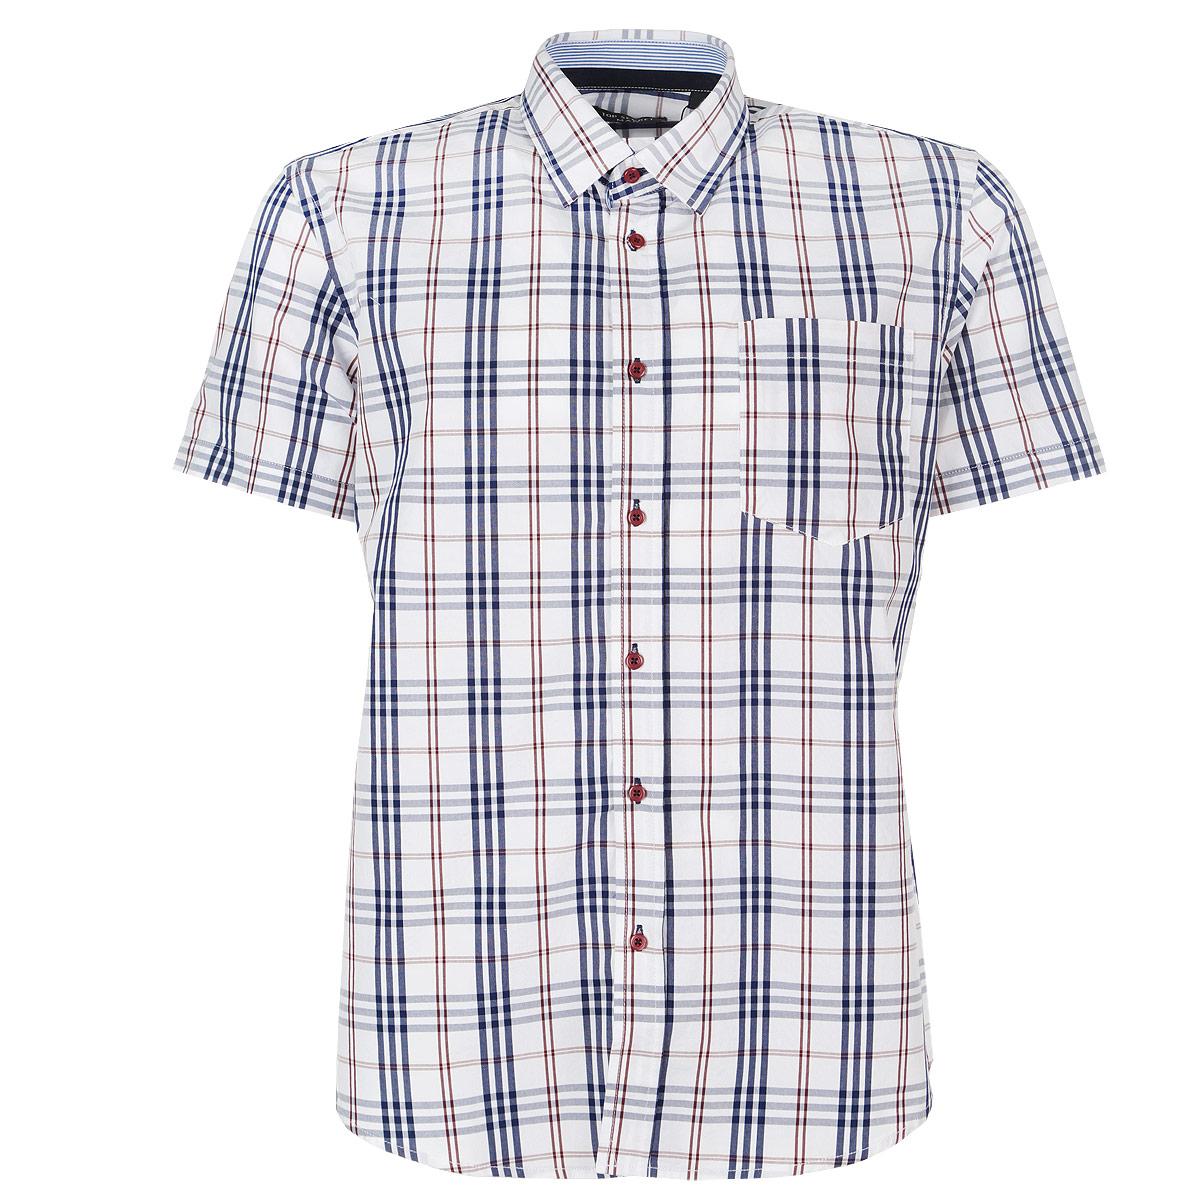 РубашкаSKS0866BIМужская рубашка Top Secret, выполненная из высококачественного хлопка, обладает высокой теплопроводностью, воздухопроницаемостью и гигроскопичностью, позволяет коже дышать, тем самым обеспечивая наибольший комфорт при носке. Рубашка прямого кроя с короткими рукавами и отложным воротником застегивается на пуговицы и дополнена нагрудным карманом. Рубашка оформлена стильным принтом в клетку. Такая рубашка подчеркнет ваш вкус и поможет создать великолепный современный образ в стиле Сasual.